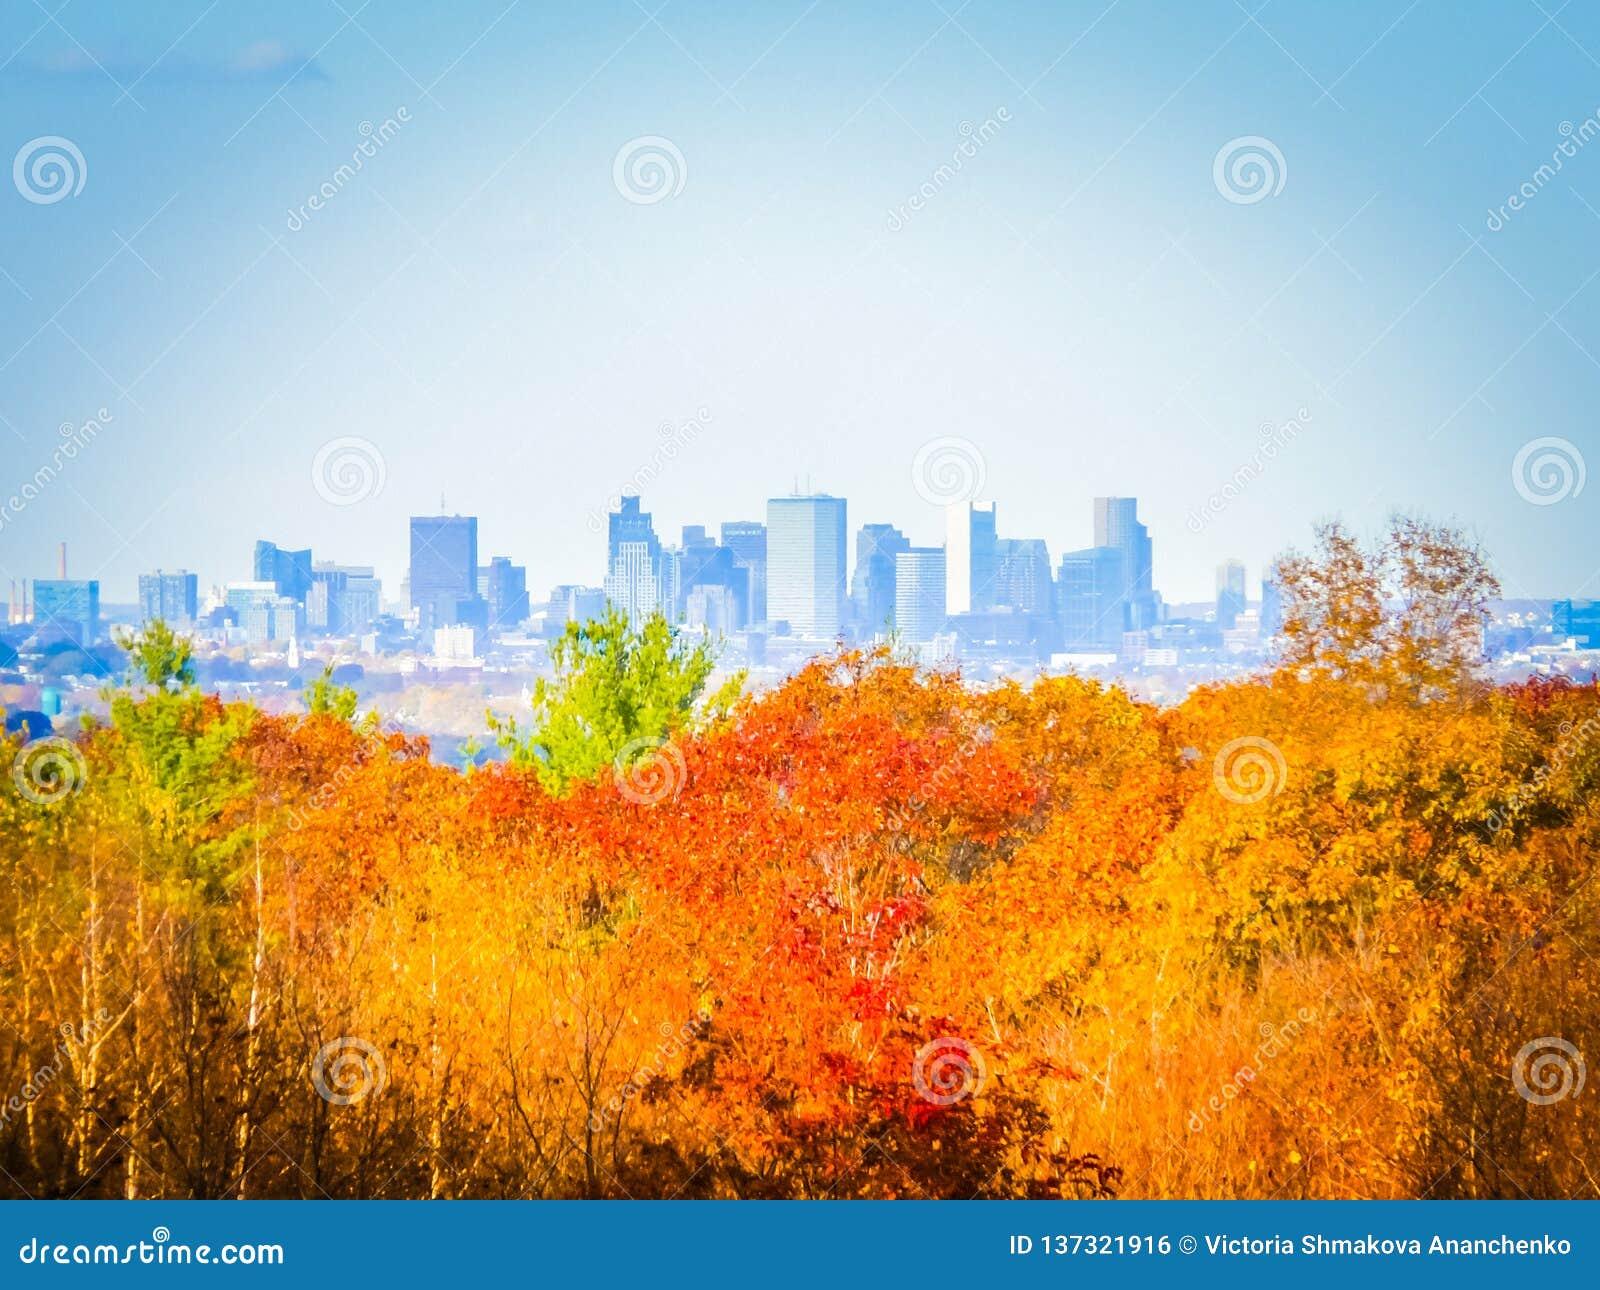 Fotografía de la caída del horizonte de Boston en un día soleado